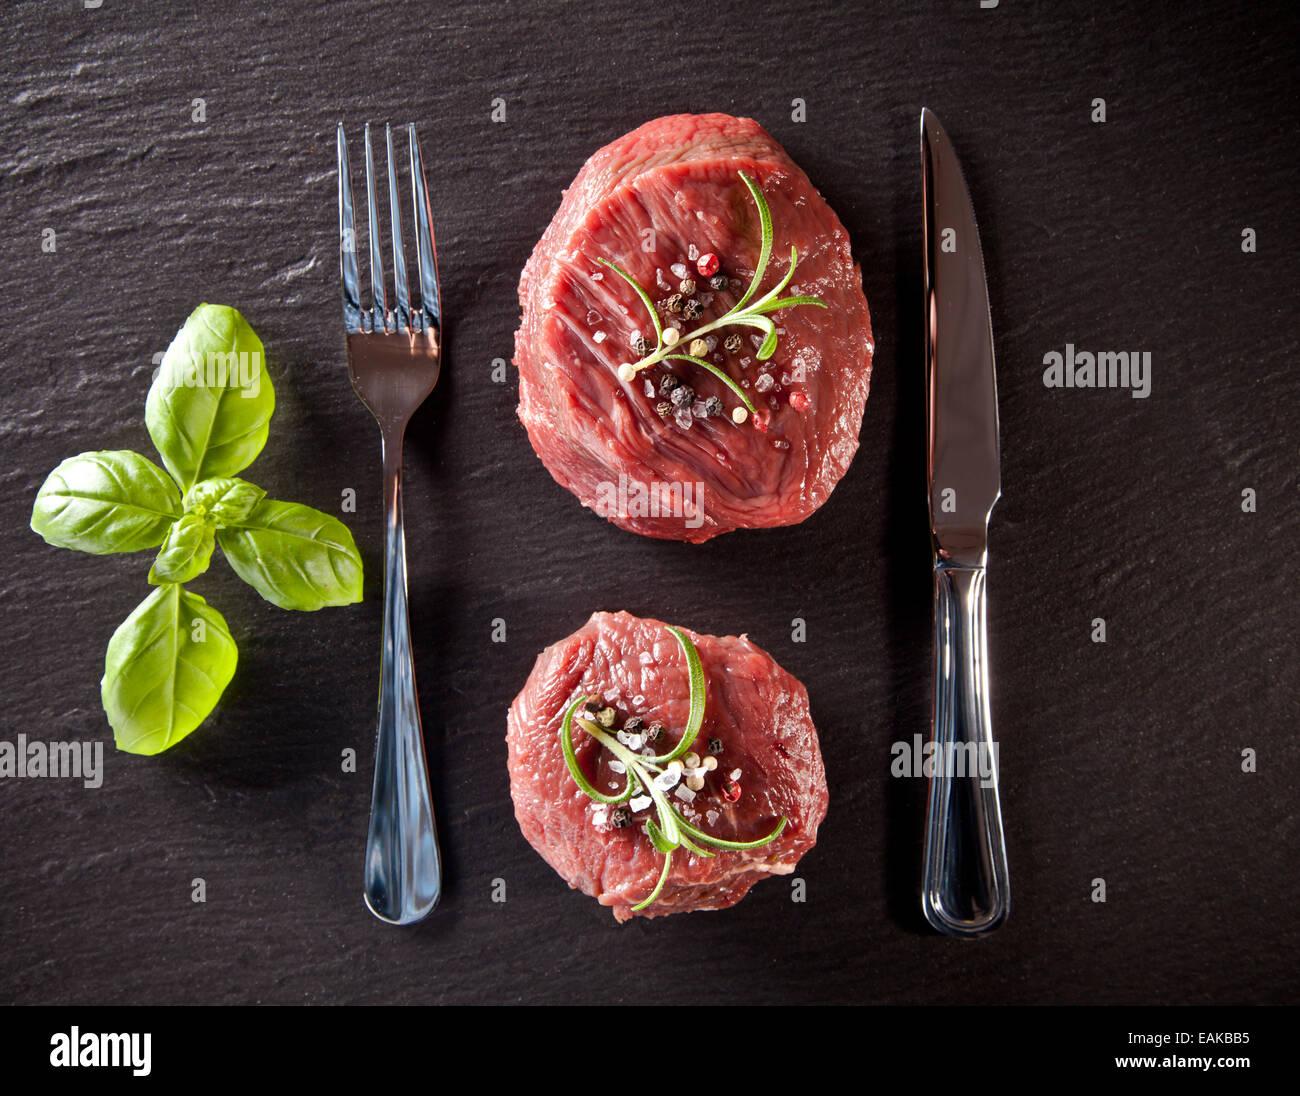 Stücke von roten rohes Fleisch Steaks mit Kräutern, serviert auf schwarzem Steinoberfläche. Erschossen Stockbild